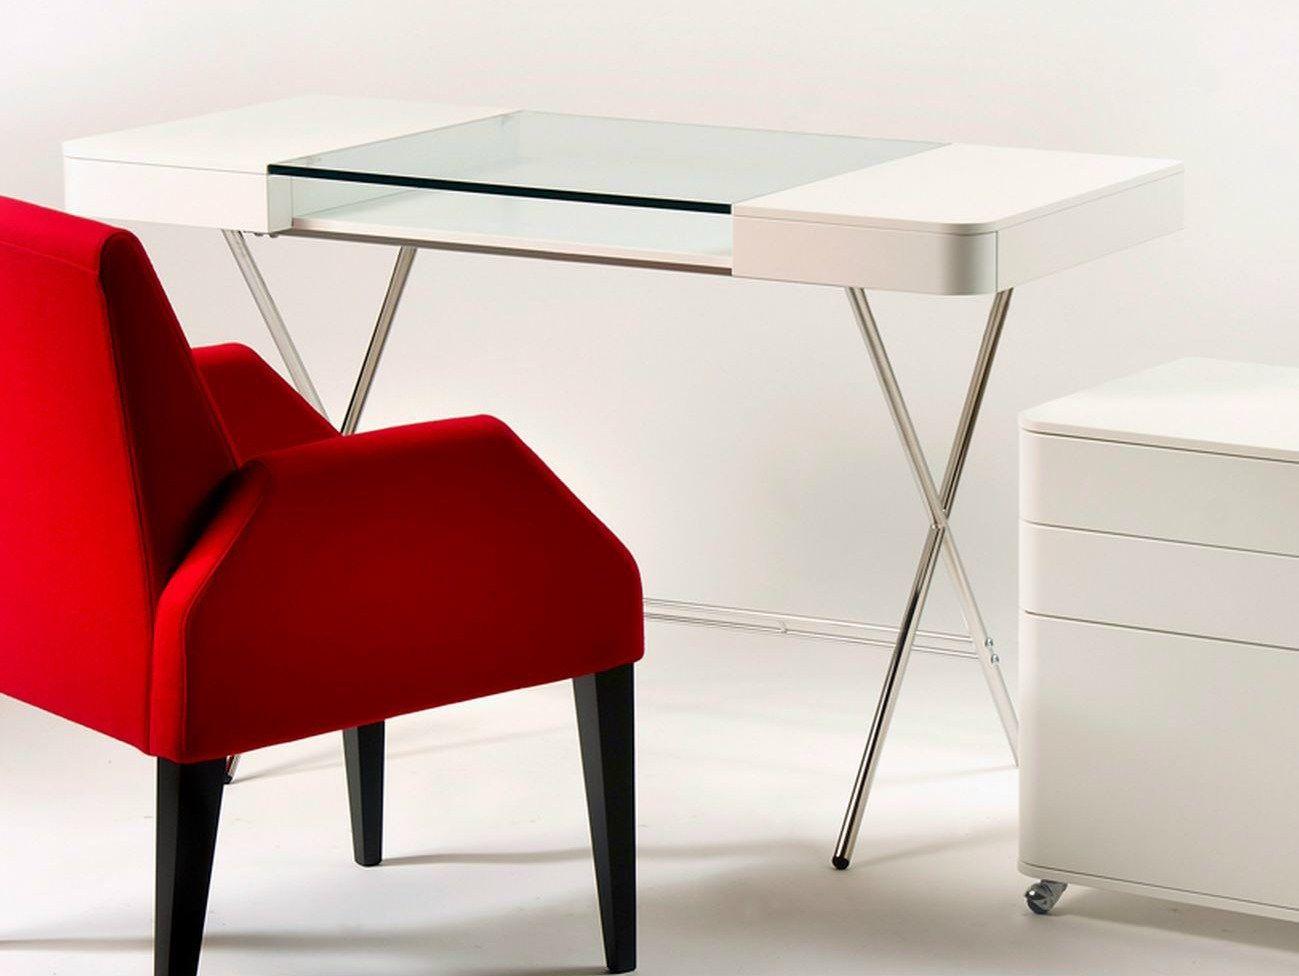 Schreibtisch Aus Mdf Und Glas Mit Schubladen Cosimo LaquÉ Blanc, Möbel